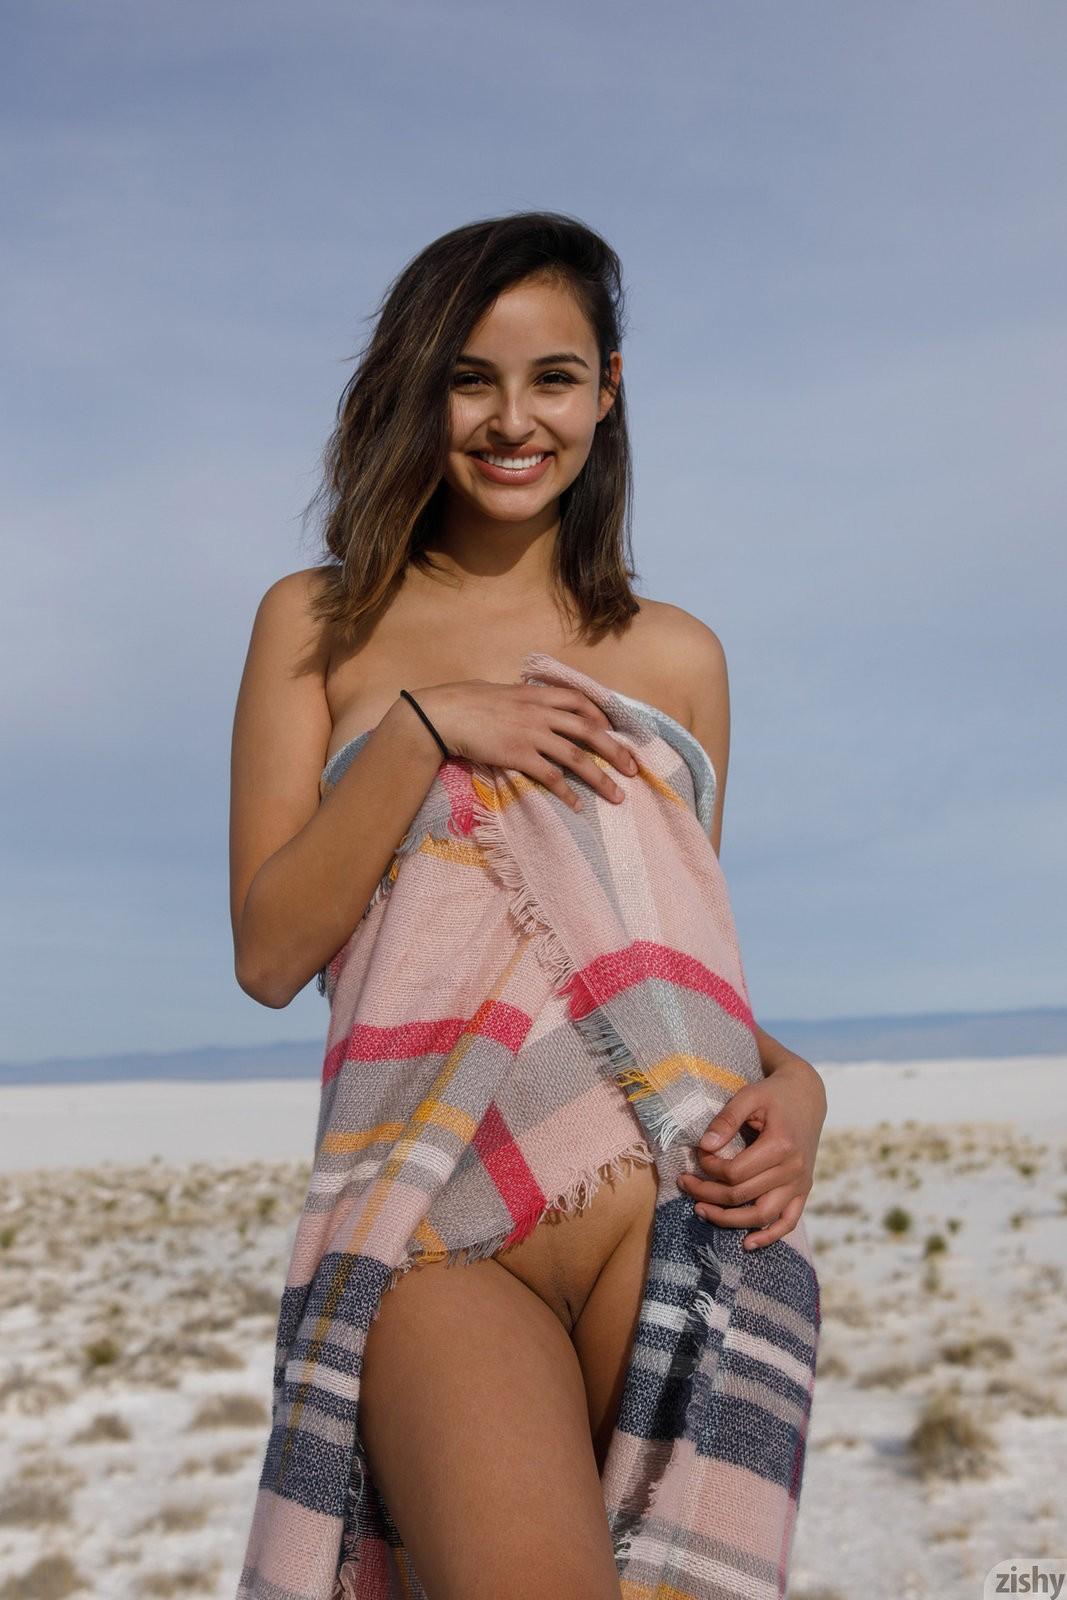 Девушка с сочной жопой позирует на песке - фото